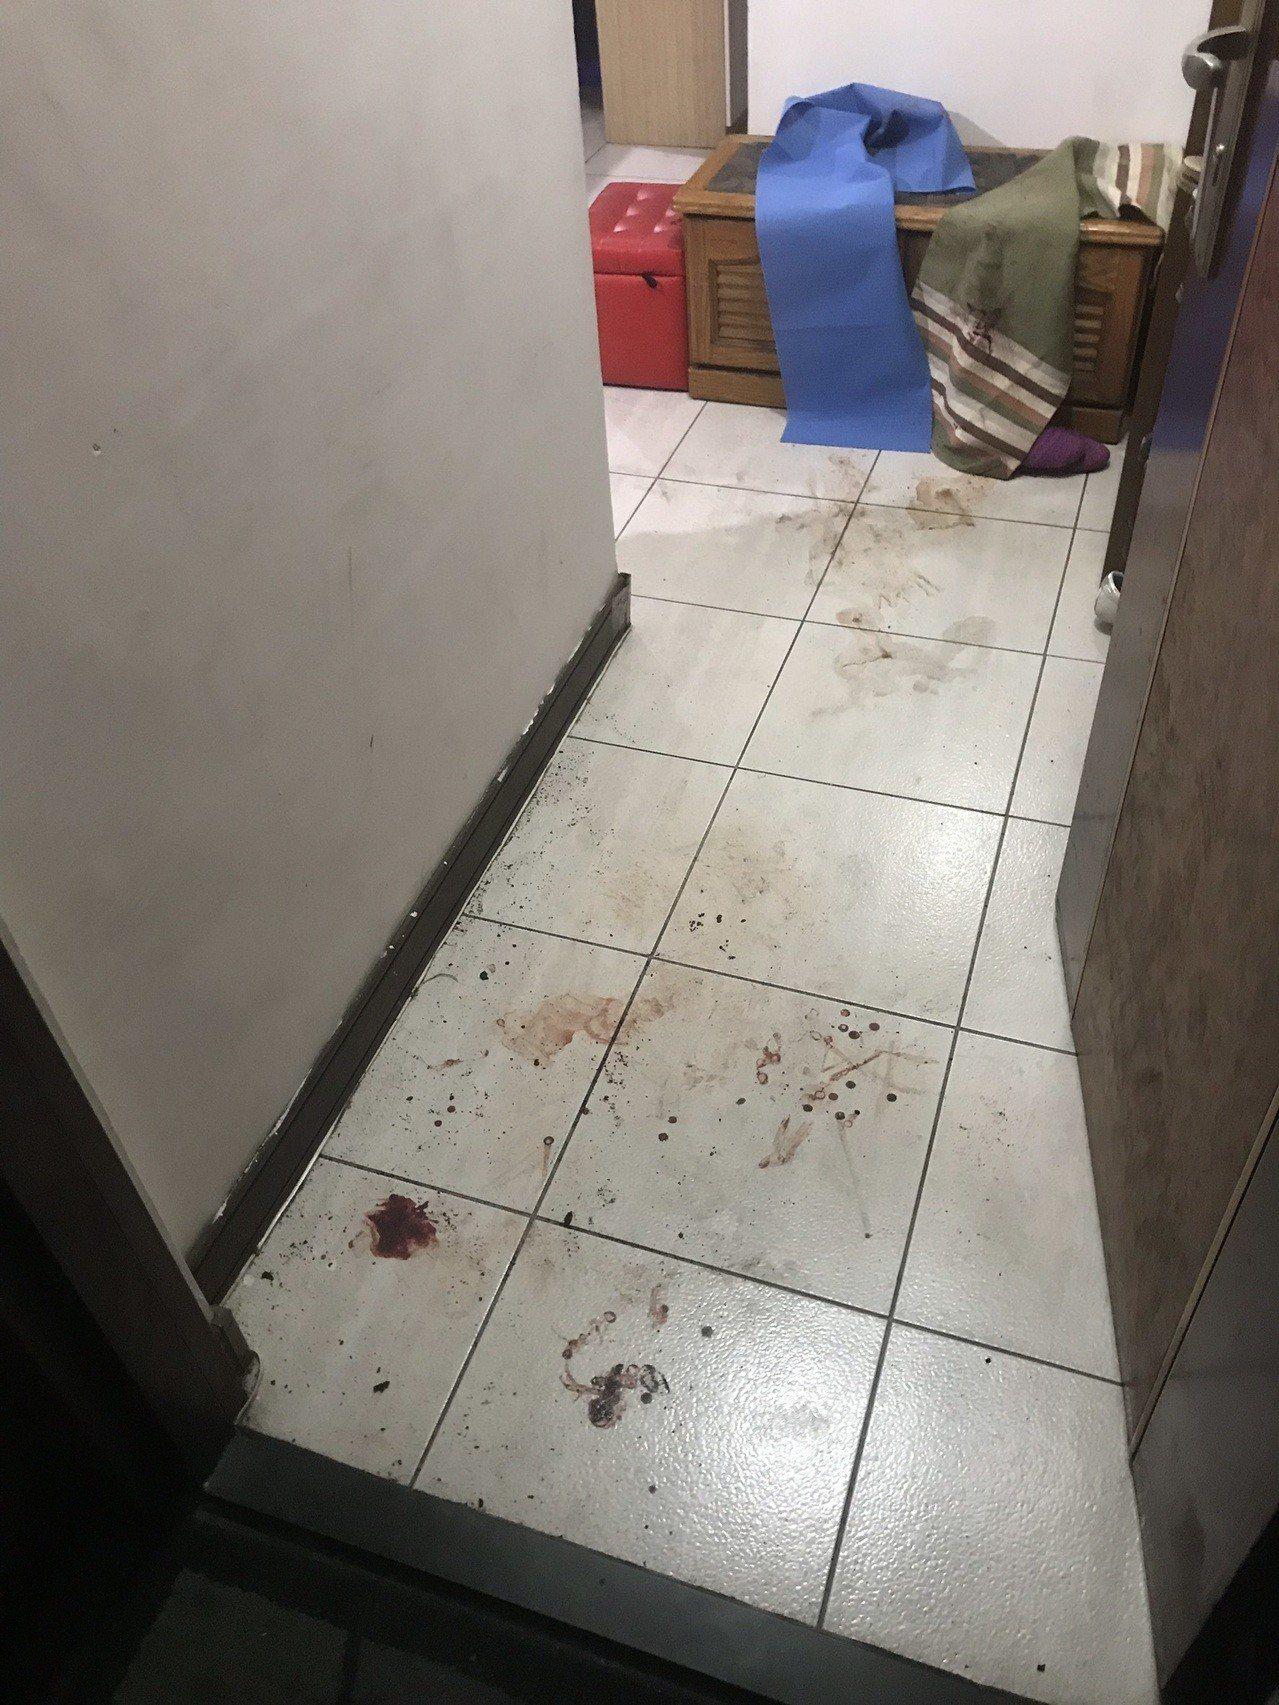 陳姓男子被人持牛排刀砍傷送醫獲救,現場血跡斑斑。記者黃宣翰/翻攝